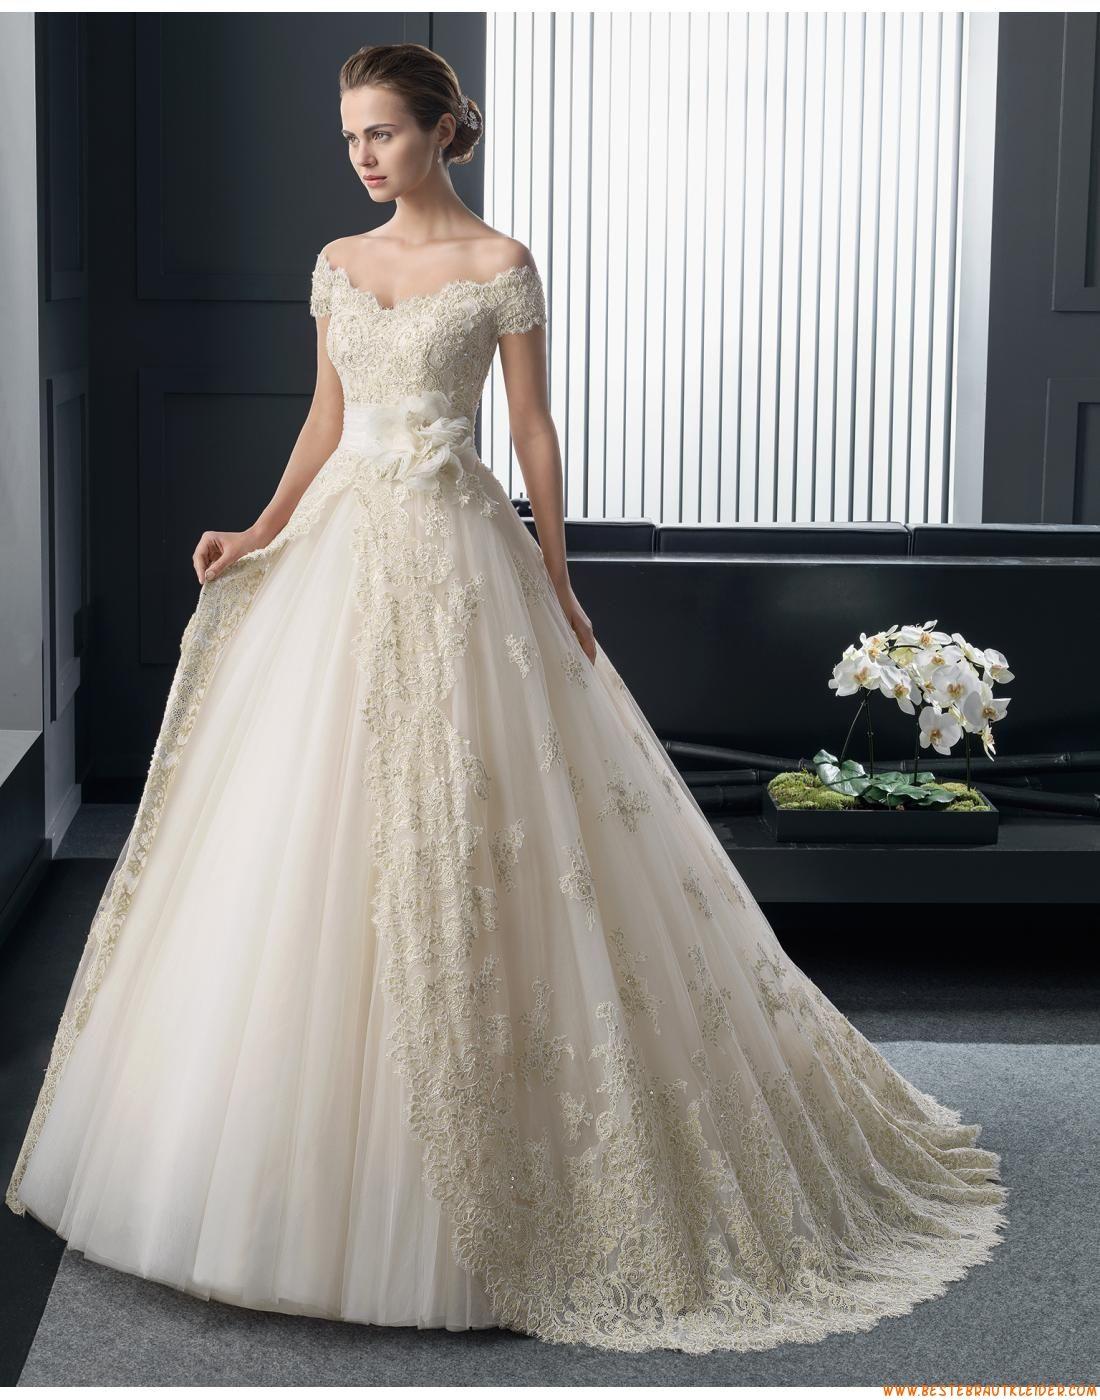 Prinzessin Außergewöhnliche Extravagante Brautkleider aus Softnetz mit Applikation